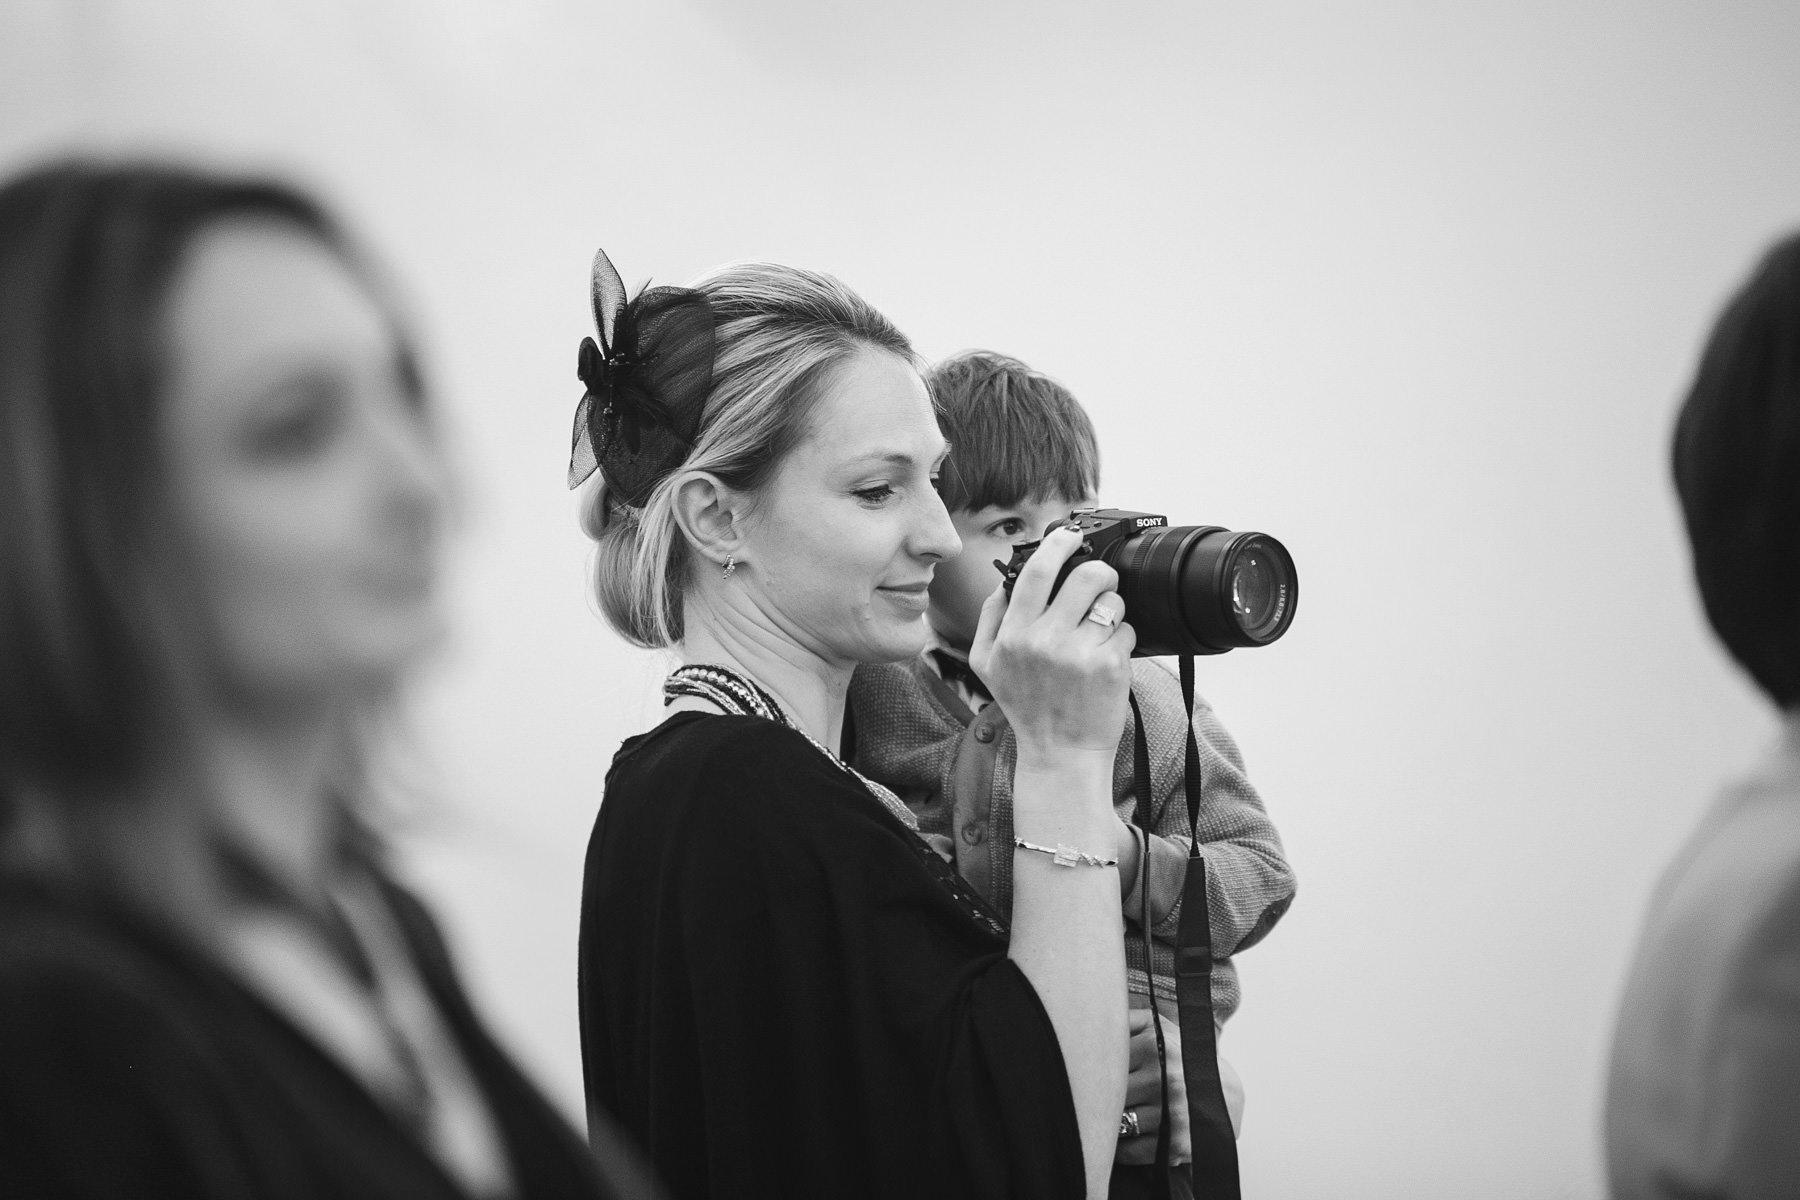 fotograf slub bielsko biala ania maciej 65 - Ślub w Bielsku-Białej - ANIA & MACIEJ